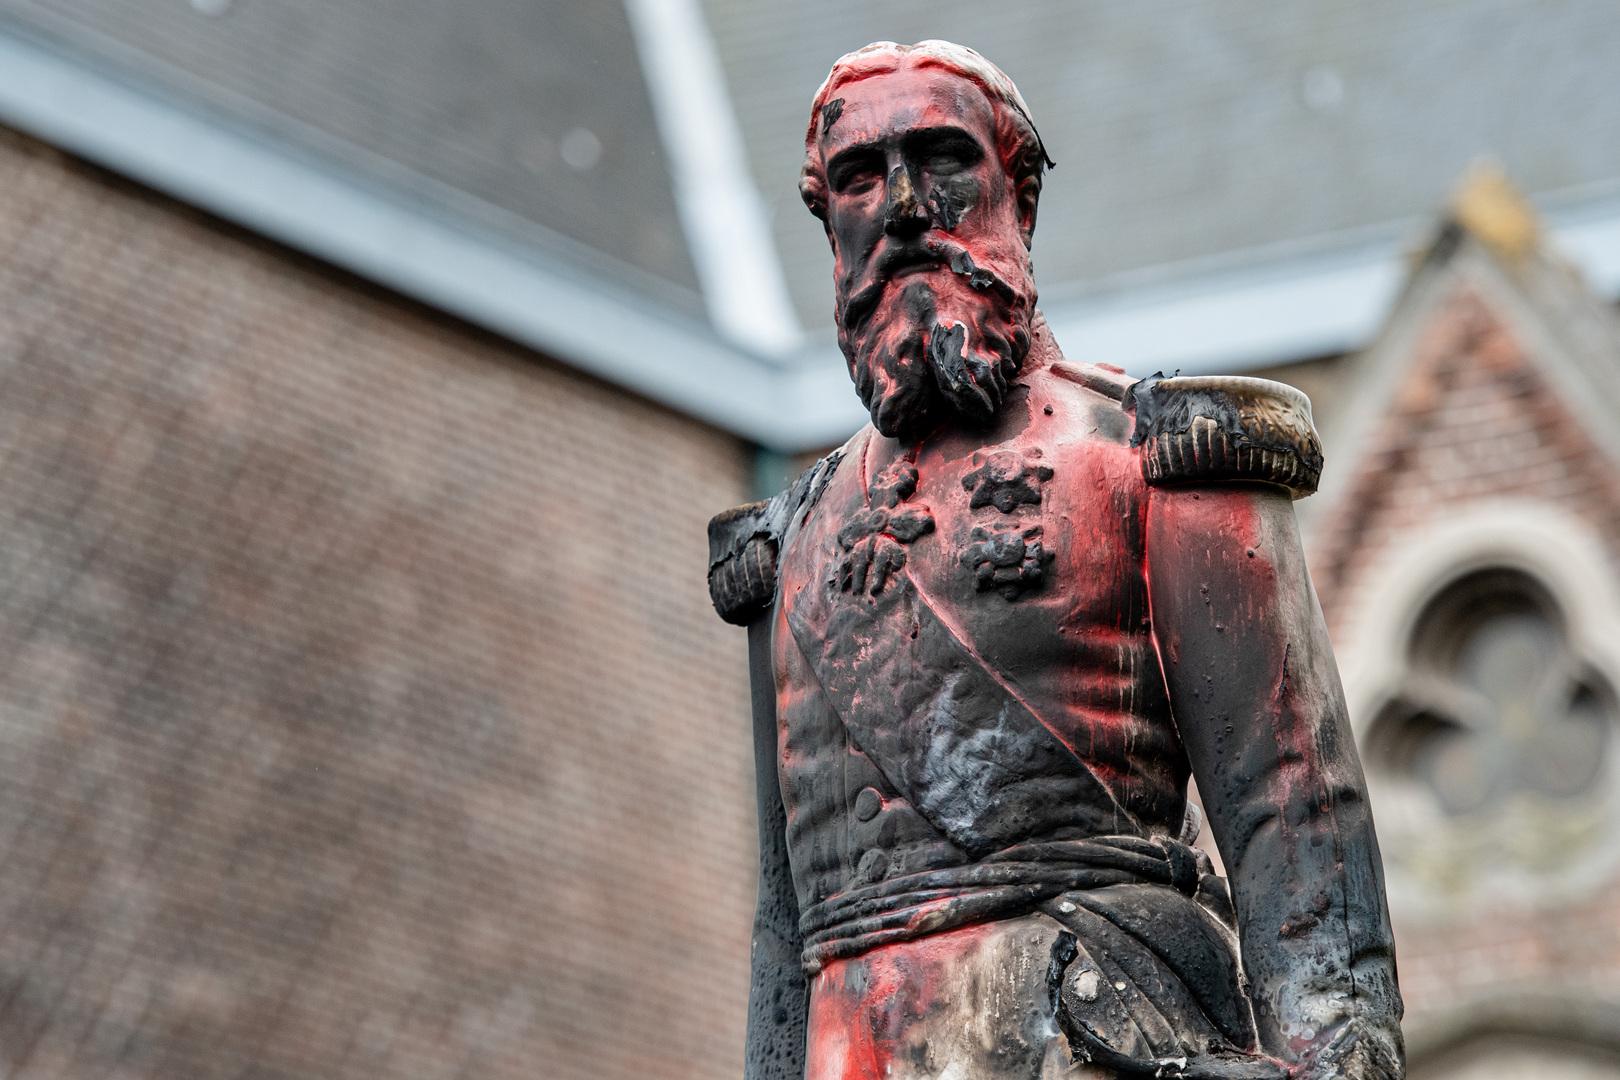 بلجيكا.. محتجون ضد العنصرية يستهدفون تماثيل الملك المتهم بالإبادة في الكونغو